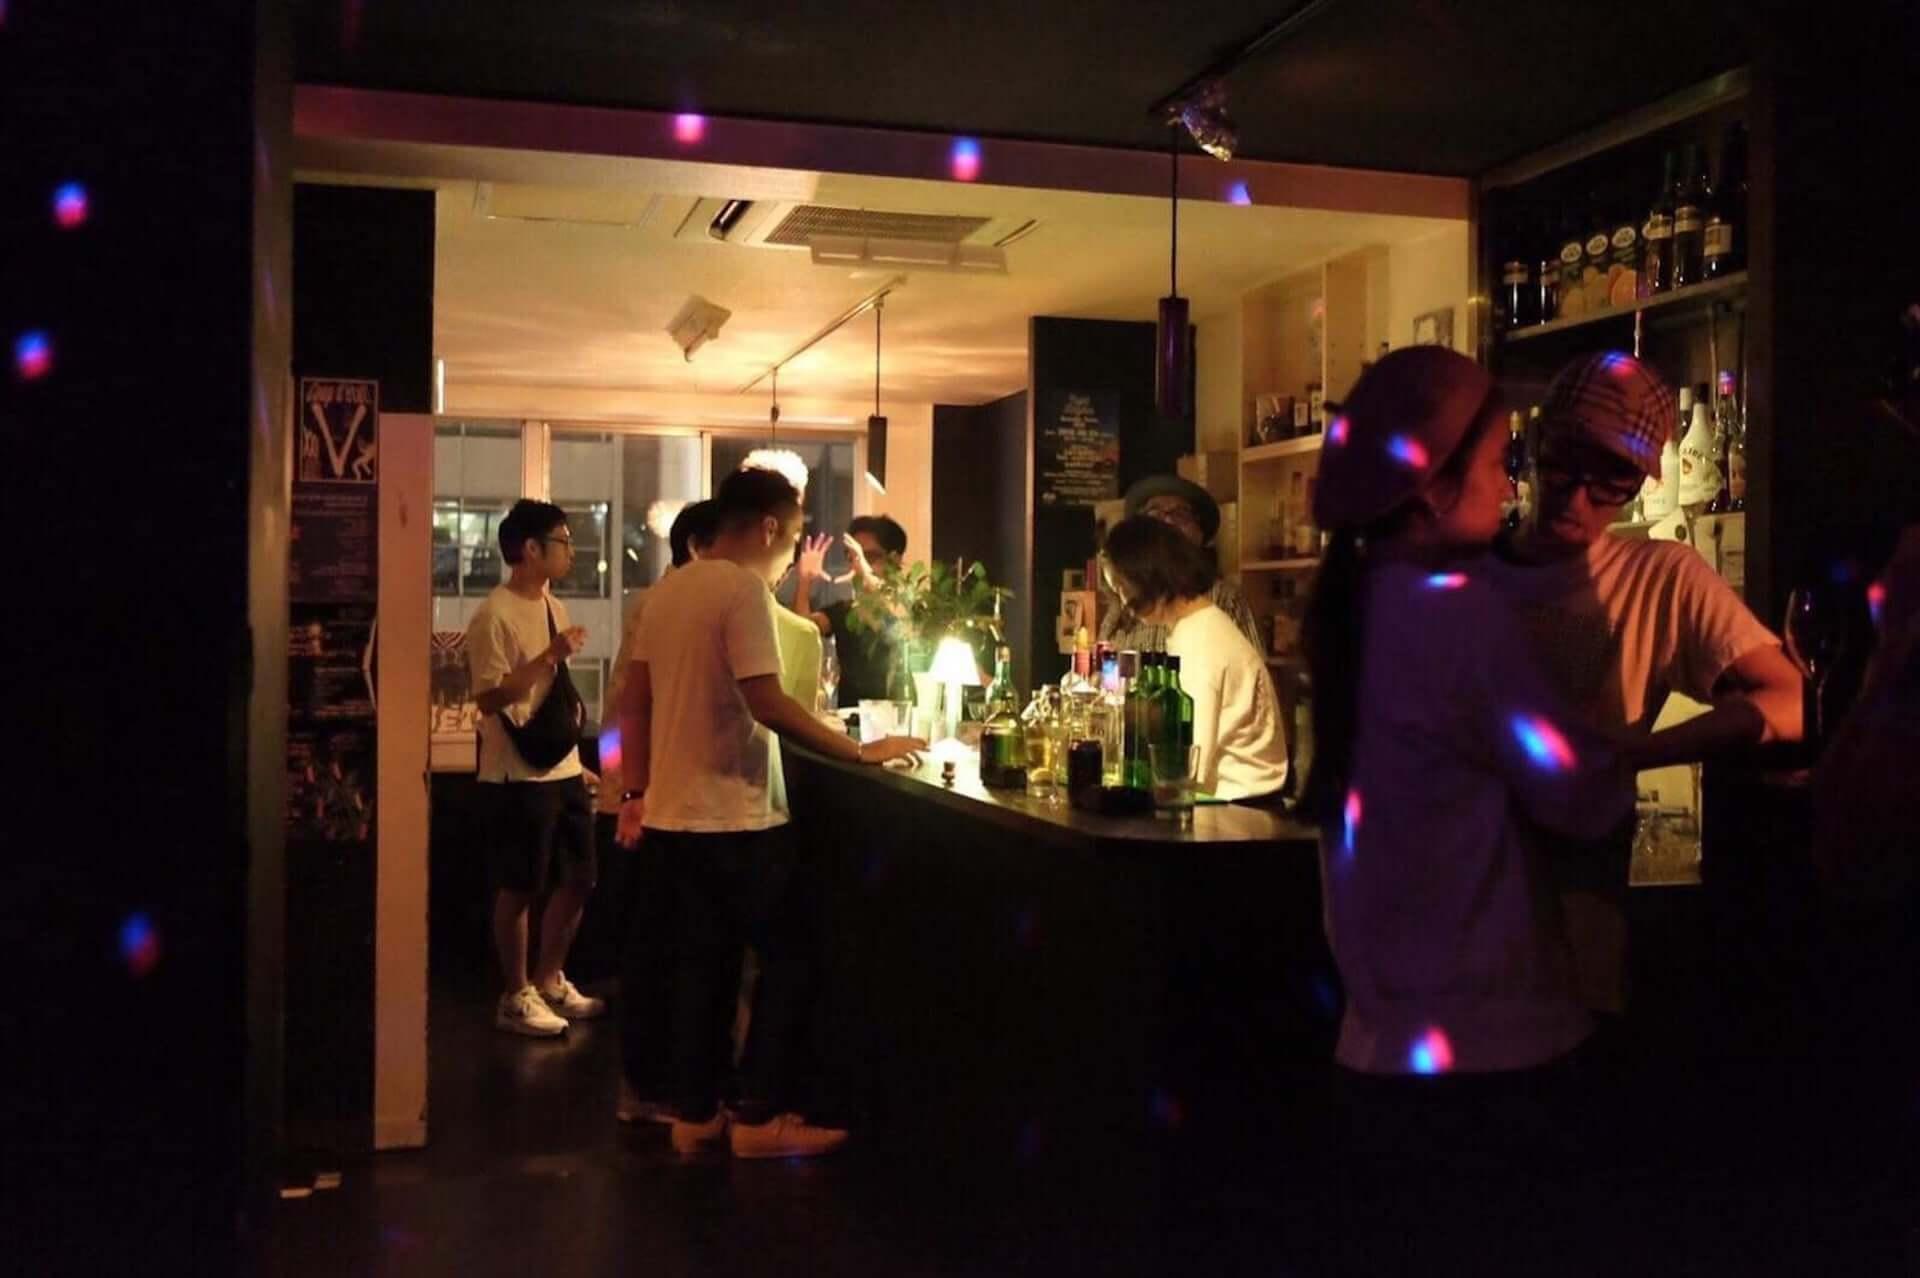 渋谷OTOの人気パーティ <DAYTONA>にFREDFADESが登場|HOUSE、TECHNO、Lo-Fiなど幅広くMIXされたパーティーが開催 music190709daytona-summerslam_1-1920x1278